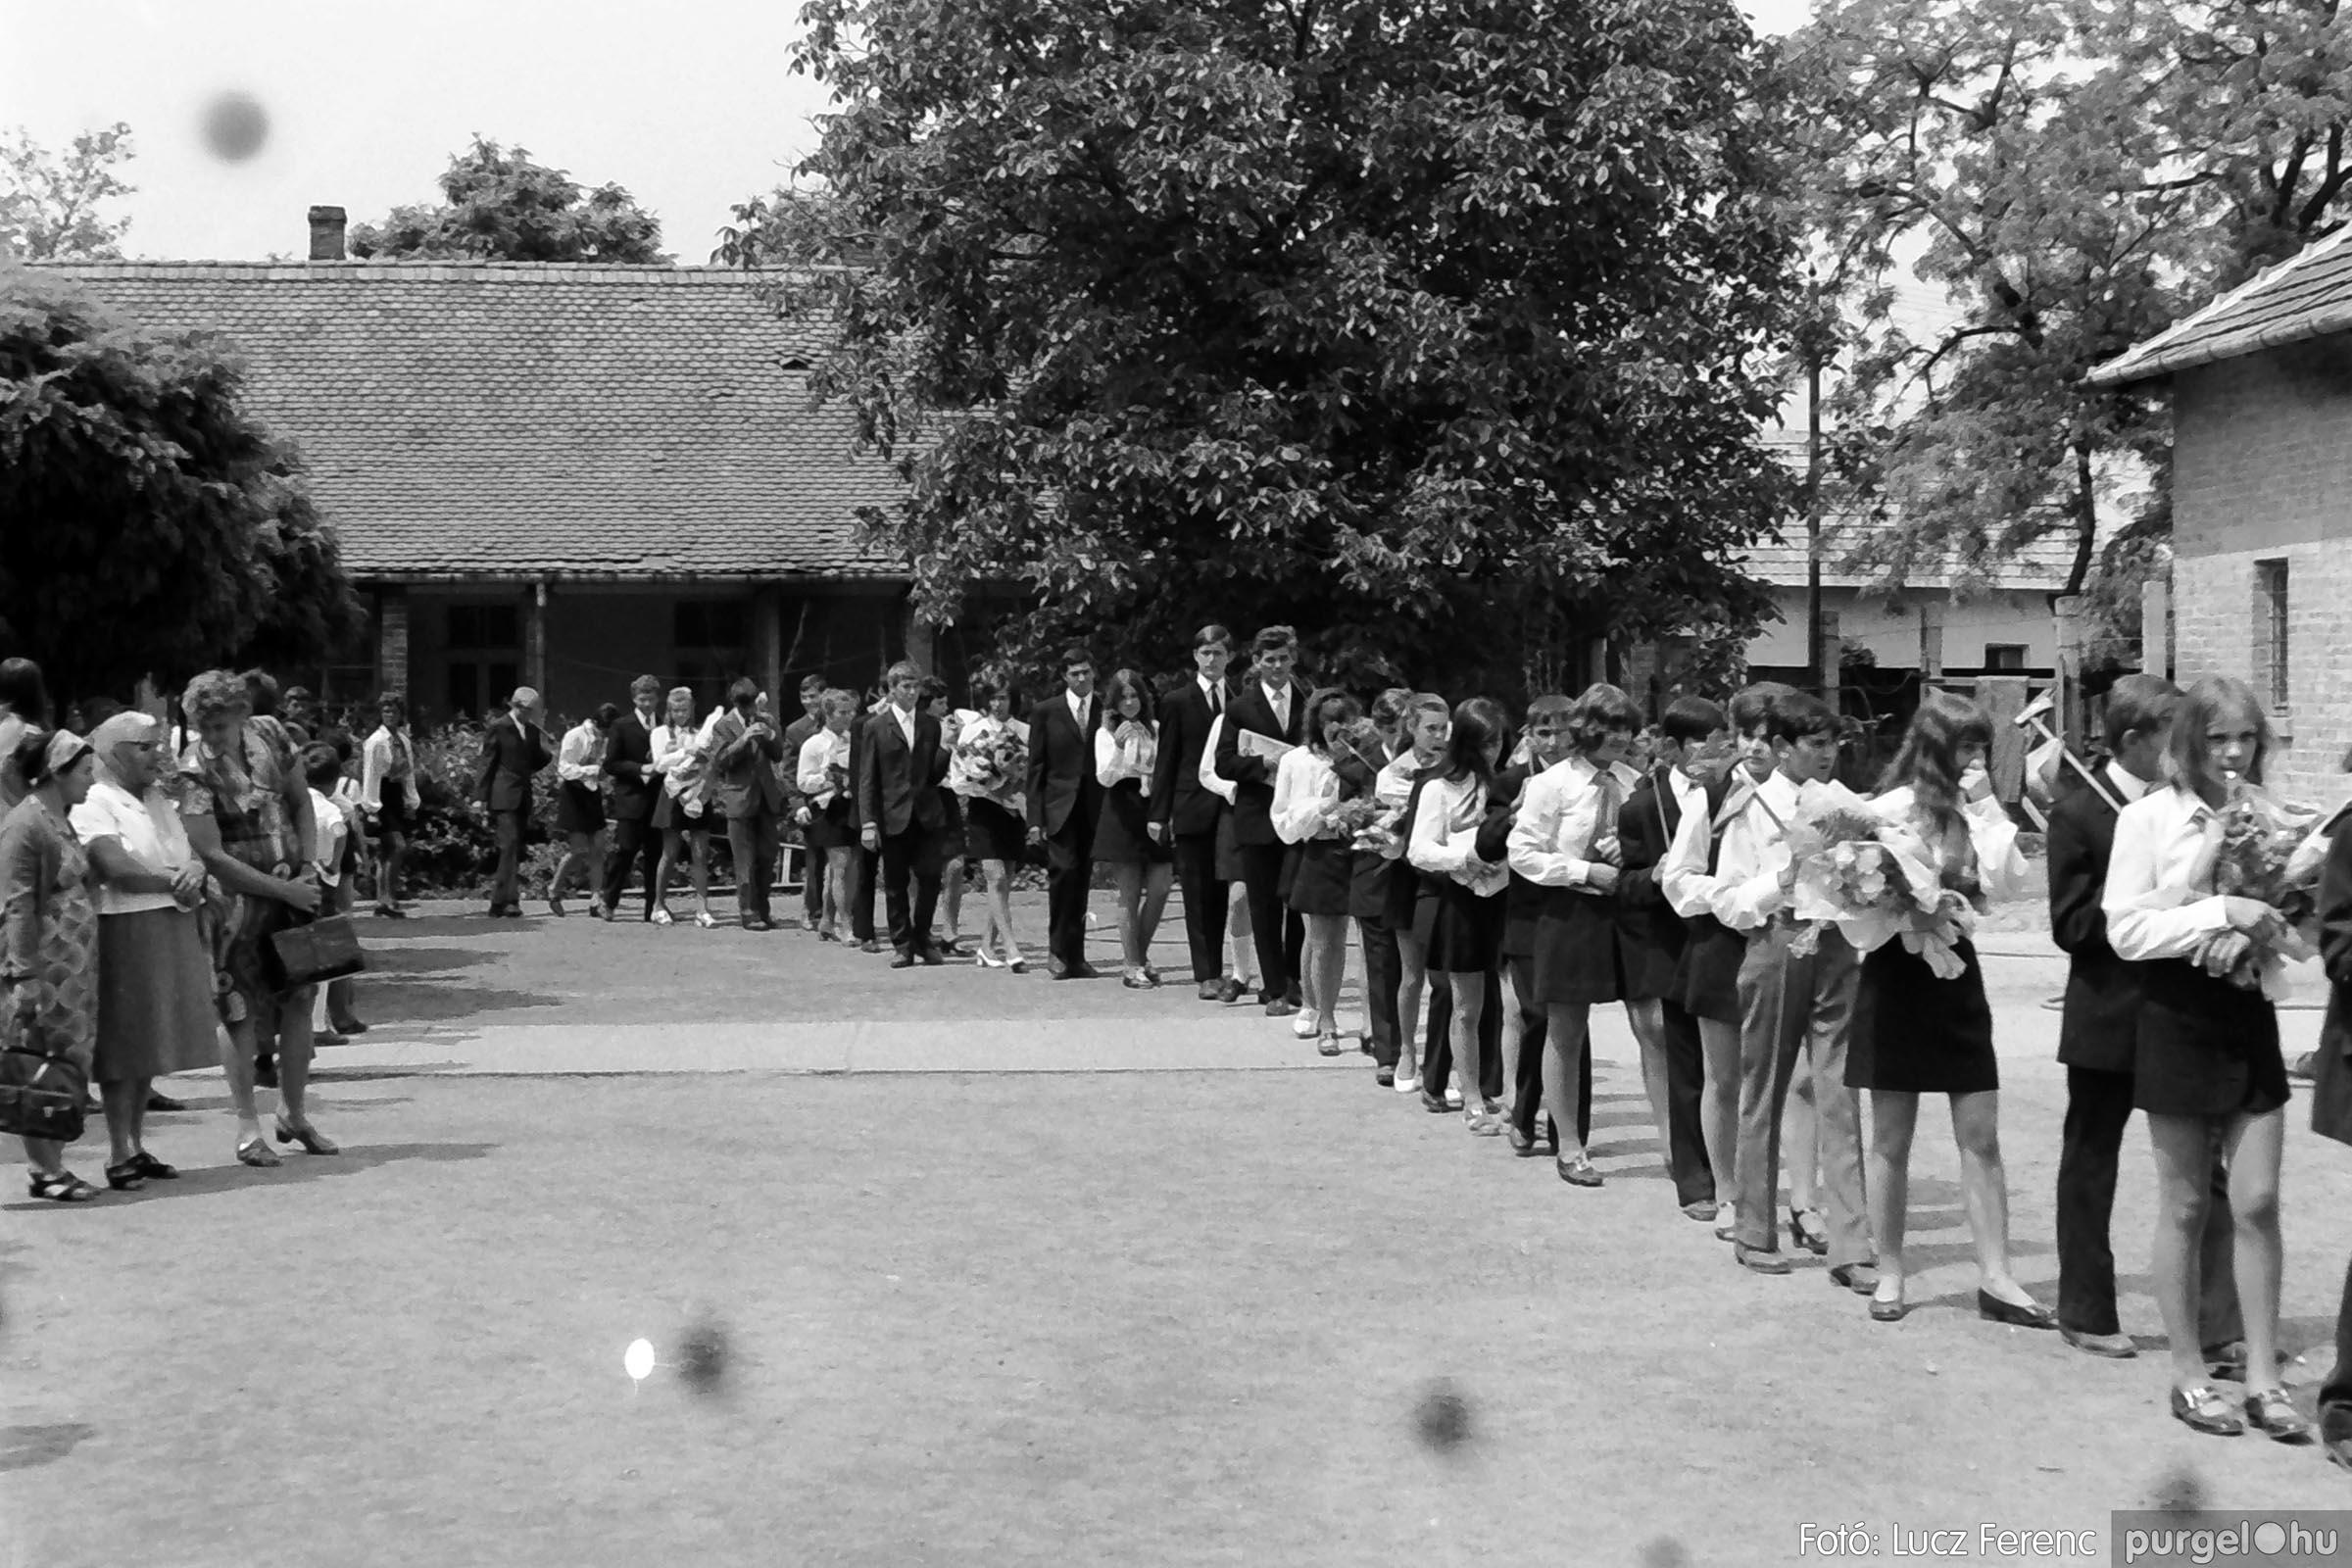 001 1972.05.27. Ballagás a szegvári iskolában 032 - Fotó: Lucz Ferenc - IMG01054q.jpg